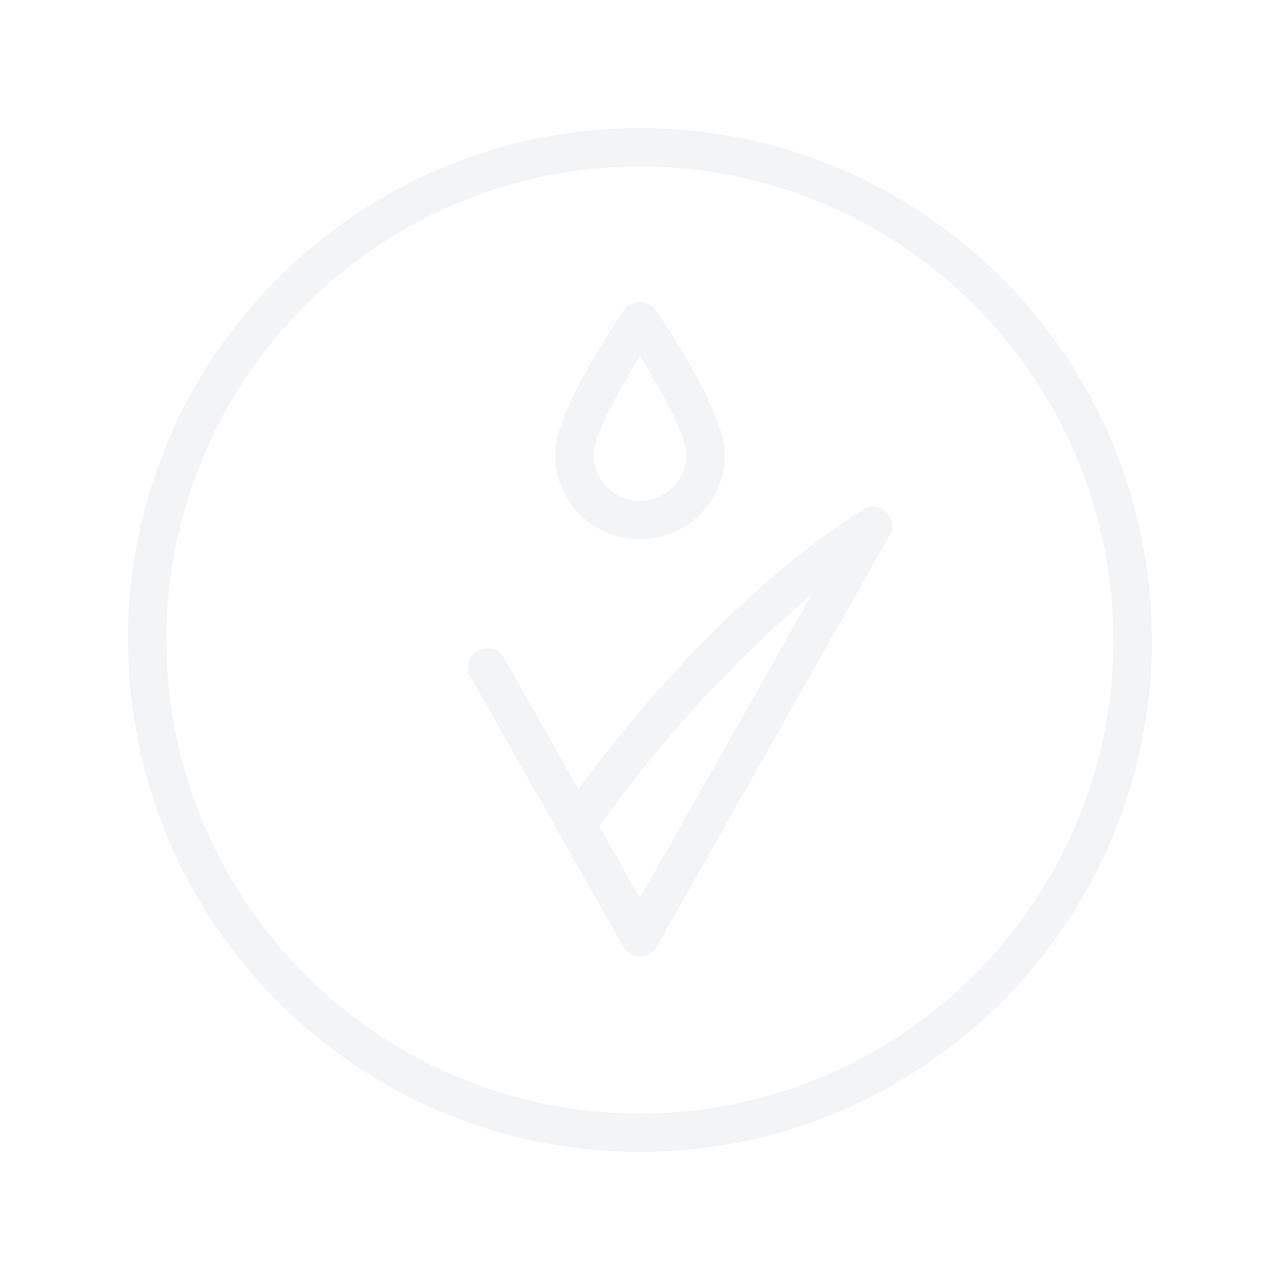 Everyday Minerals Matte Base Golden Ivory 1W 4.8g